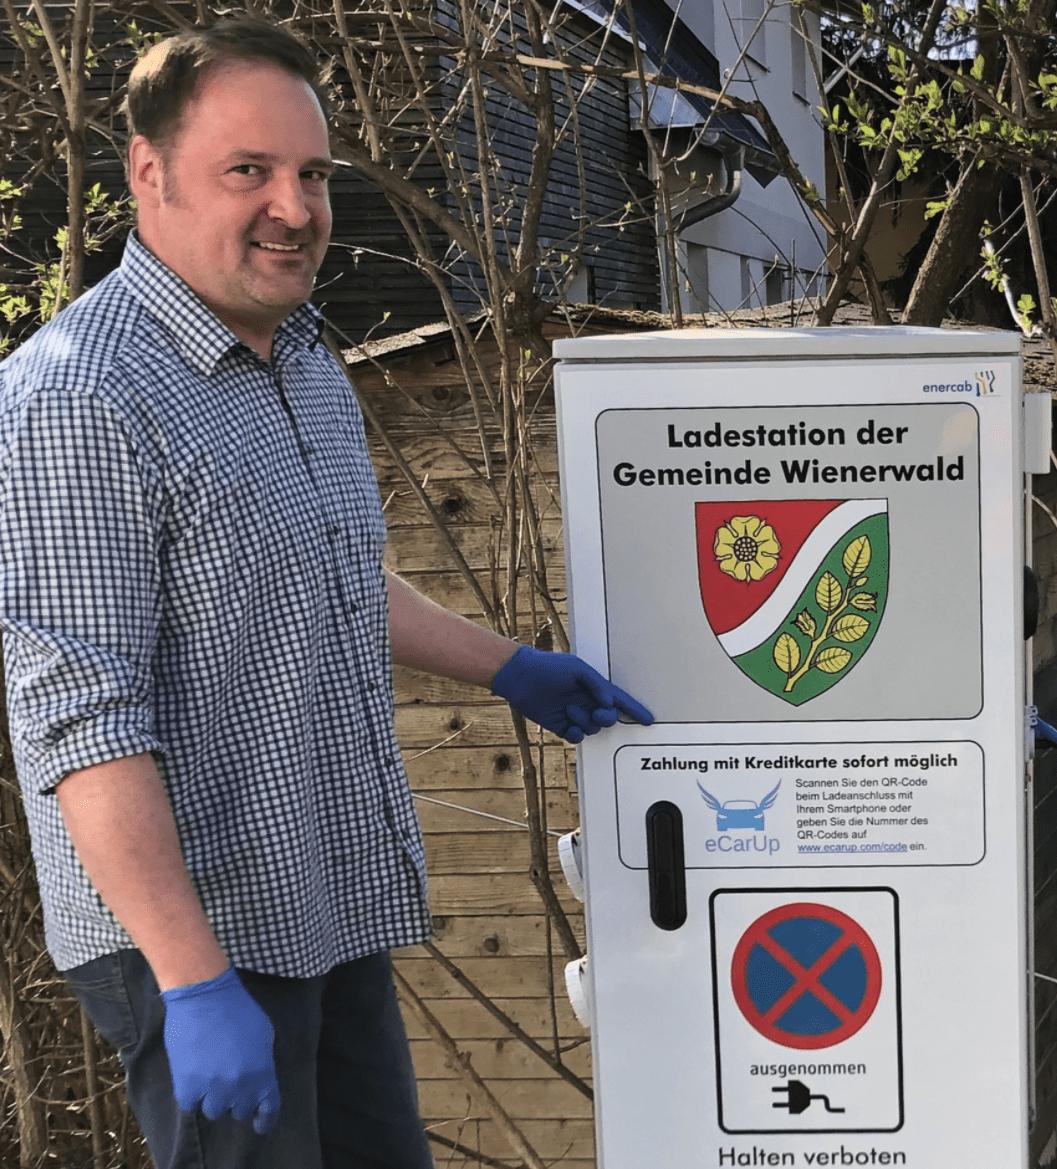 Ladestation im Wienerwald